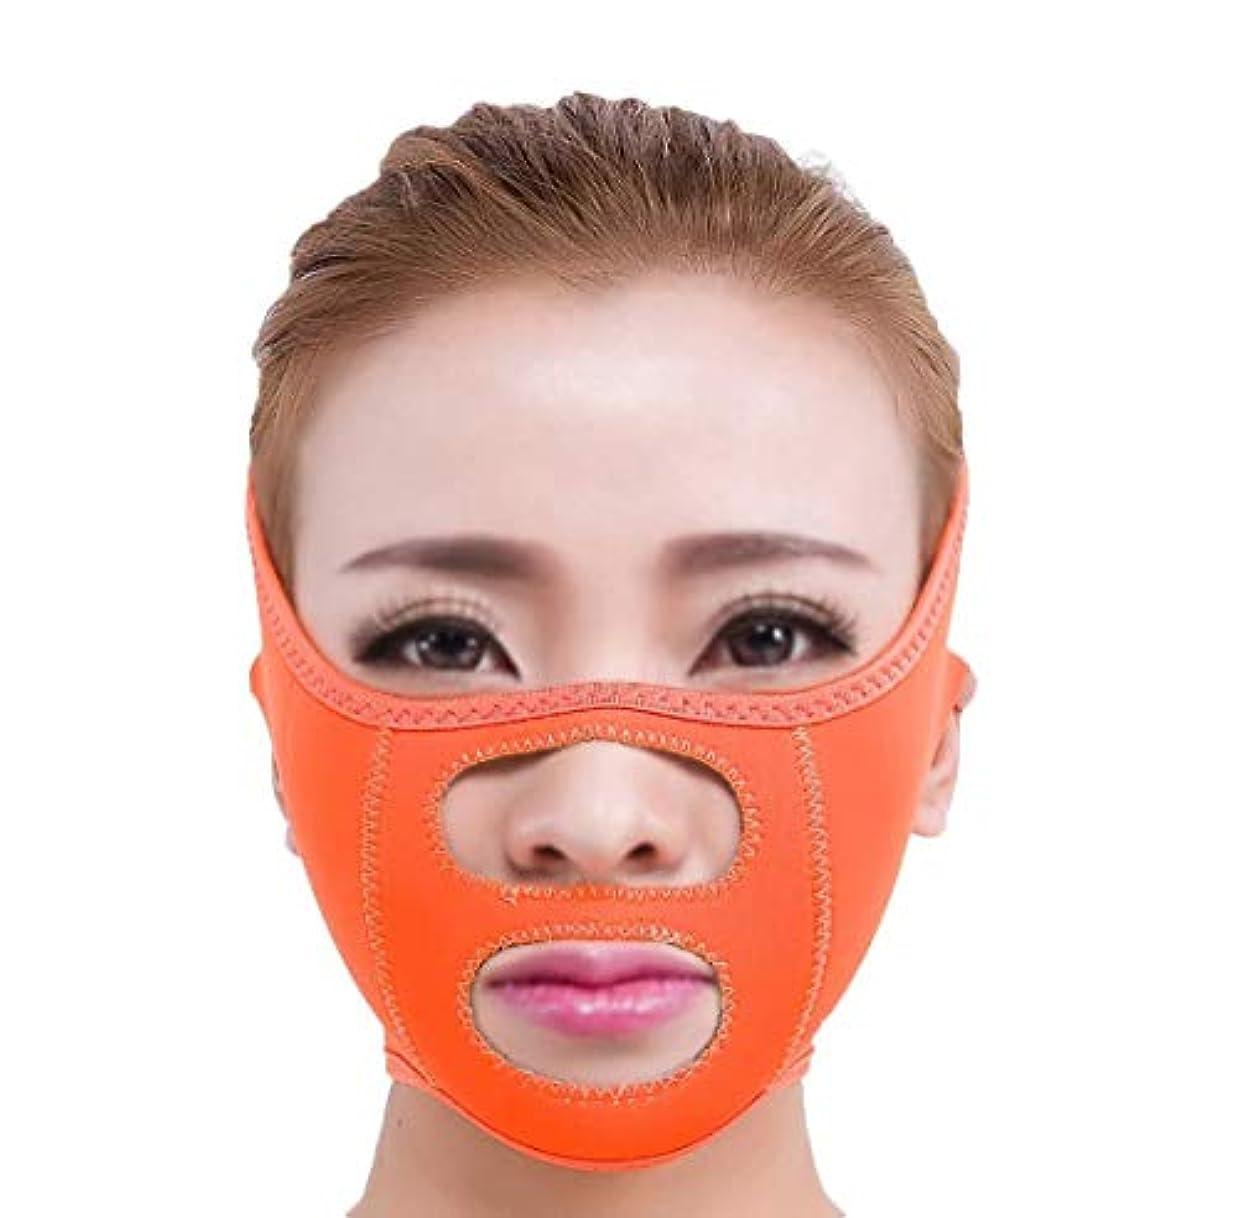 熱帯の湿地検索スリミングベルト、フェイシャルマスク薄い顔マスク睡眠薄い顔マスク薄い顔包帯薄い顔アーティファクト薄い顔顔リフティング薄い顔小さなV顔睡眠薄い顔ベルト